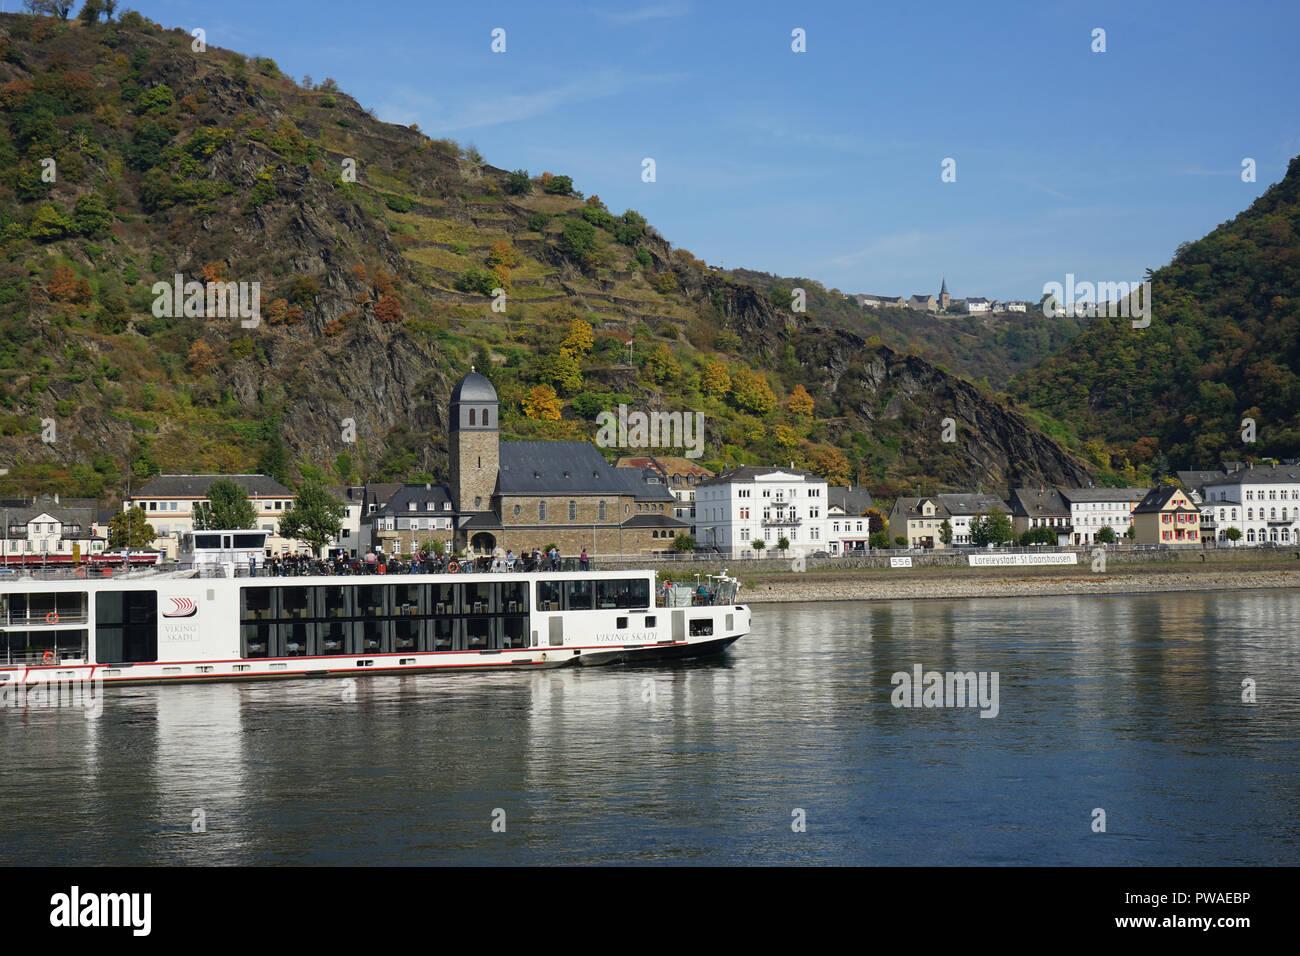 Kaub, Kreuzfahrtschiff, Welterbe Kulturlandschaft Oberes Mittelrheintal, Rhein, Deutschland, Europa - Stock Image